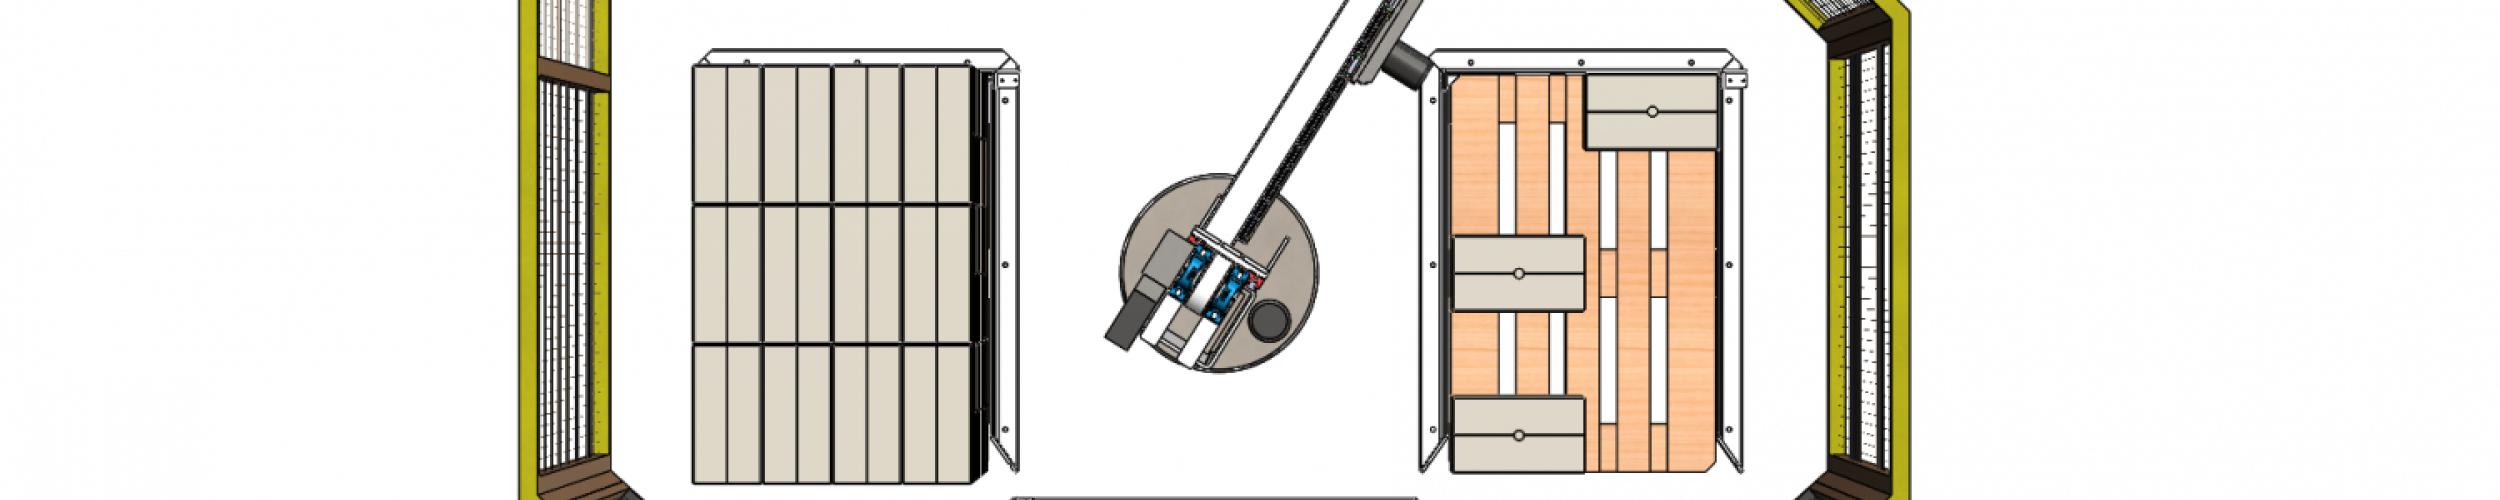 Compacte palletiser voor 3 europaletten